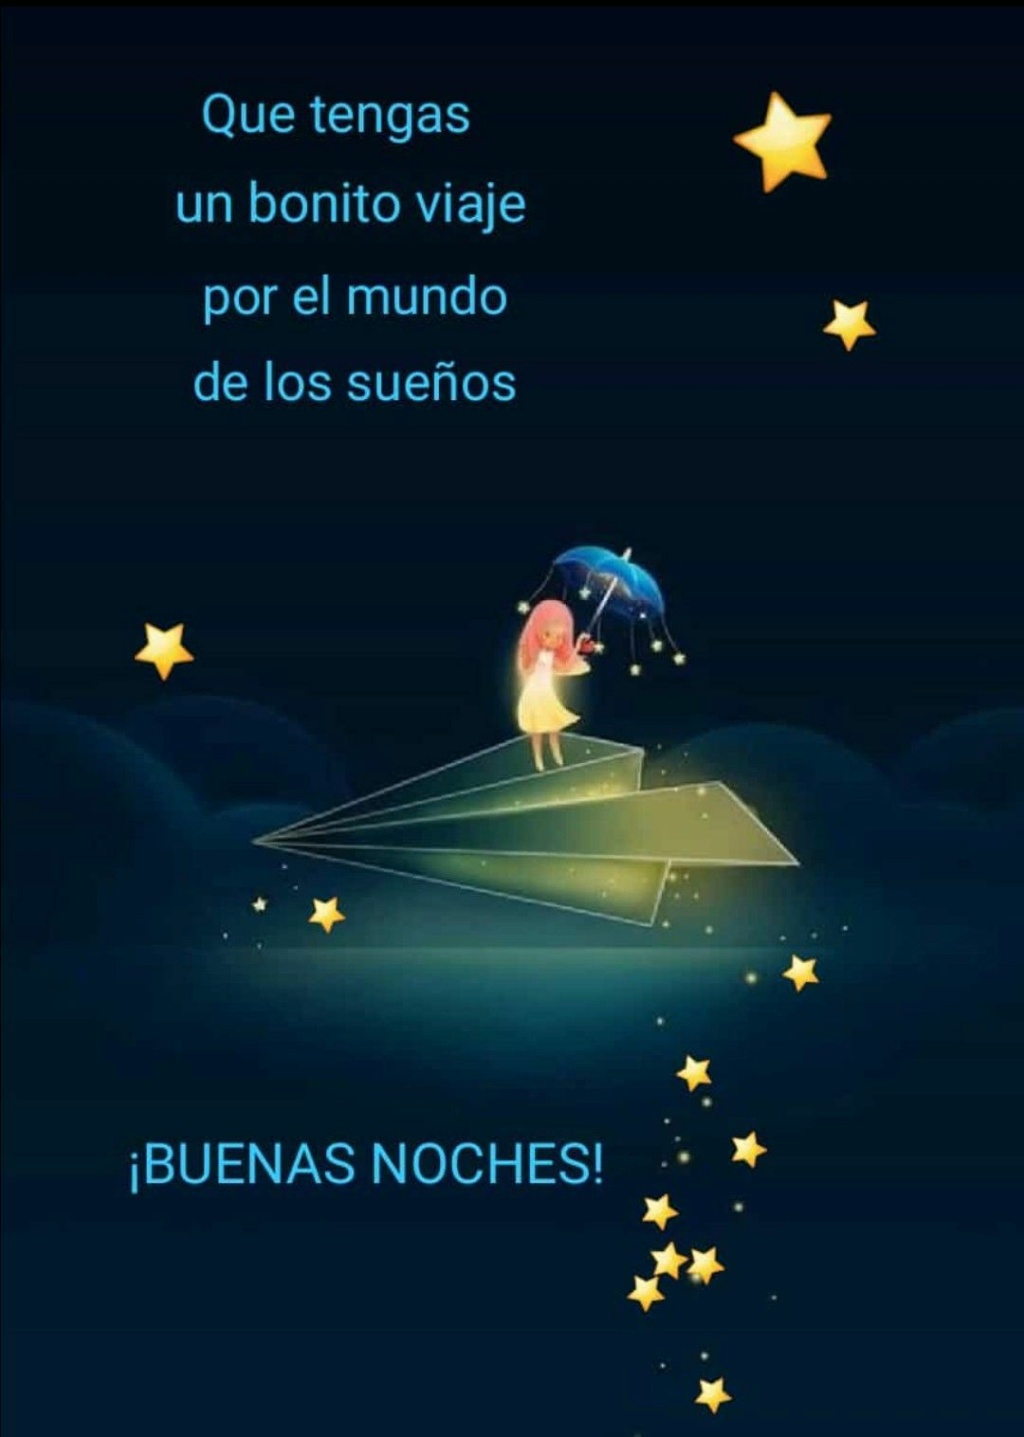 Hilo para dar las buenas noches  - Página 5 Bbbca511